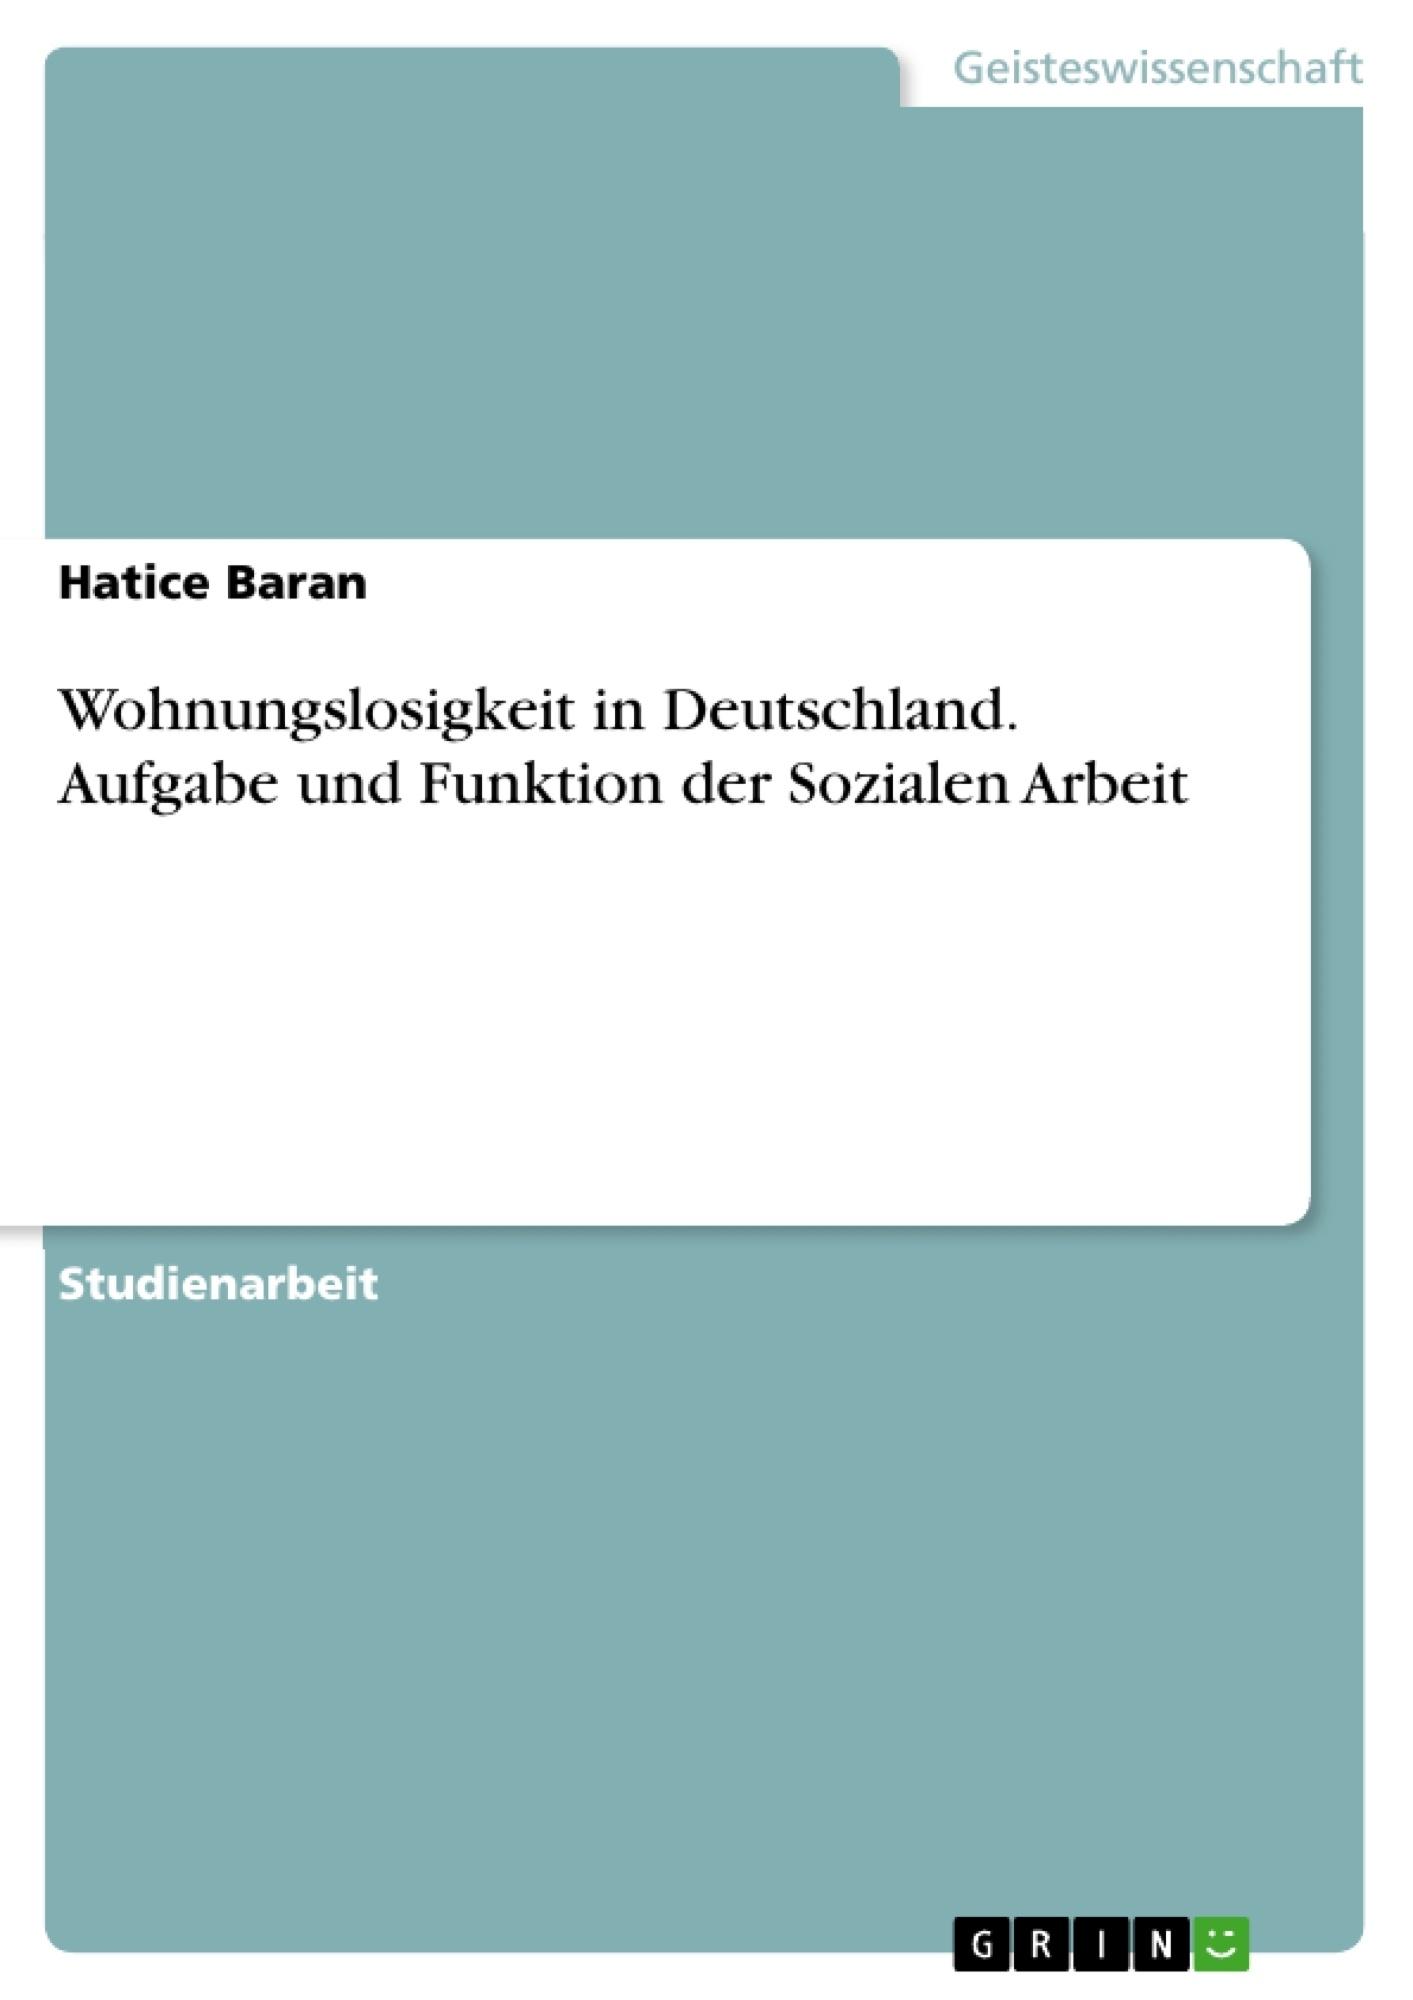 Titel: Wohnungslosigkeit in Deutschland. Aufgabe und Funktion der Sozialen Arbeit